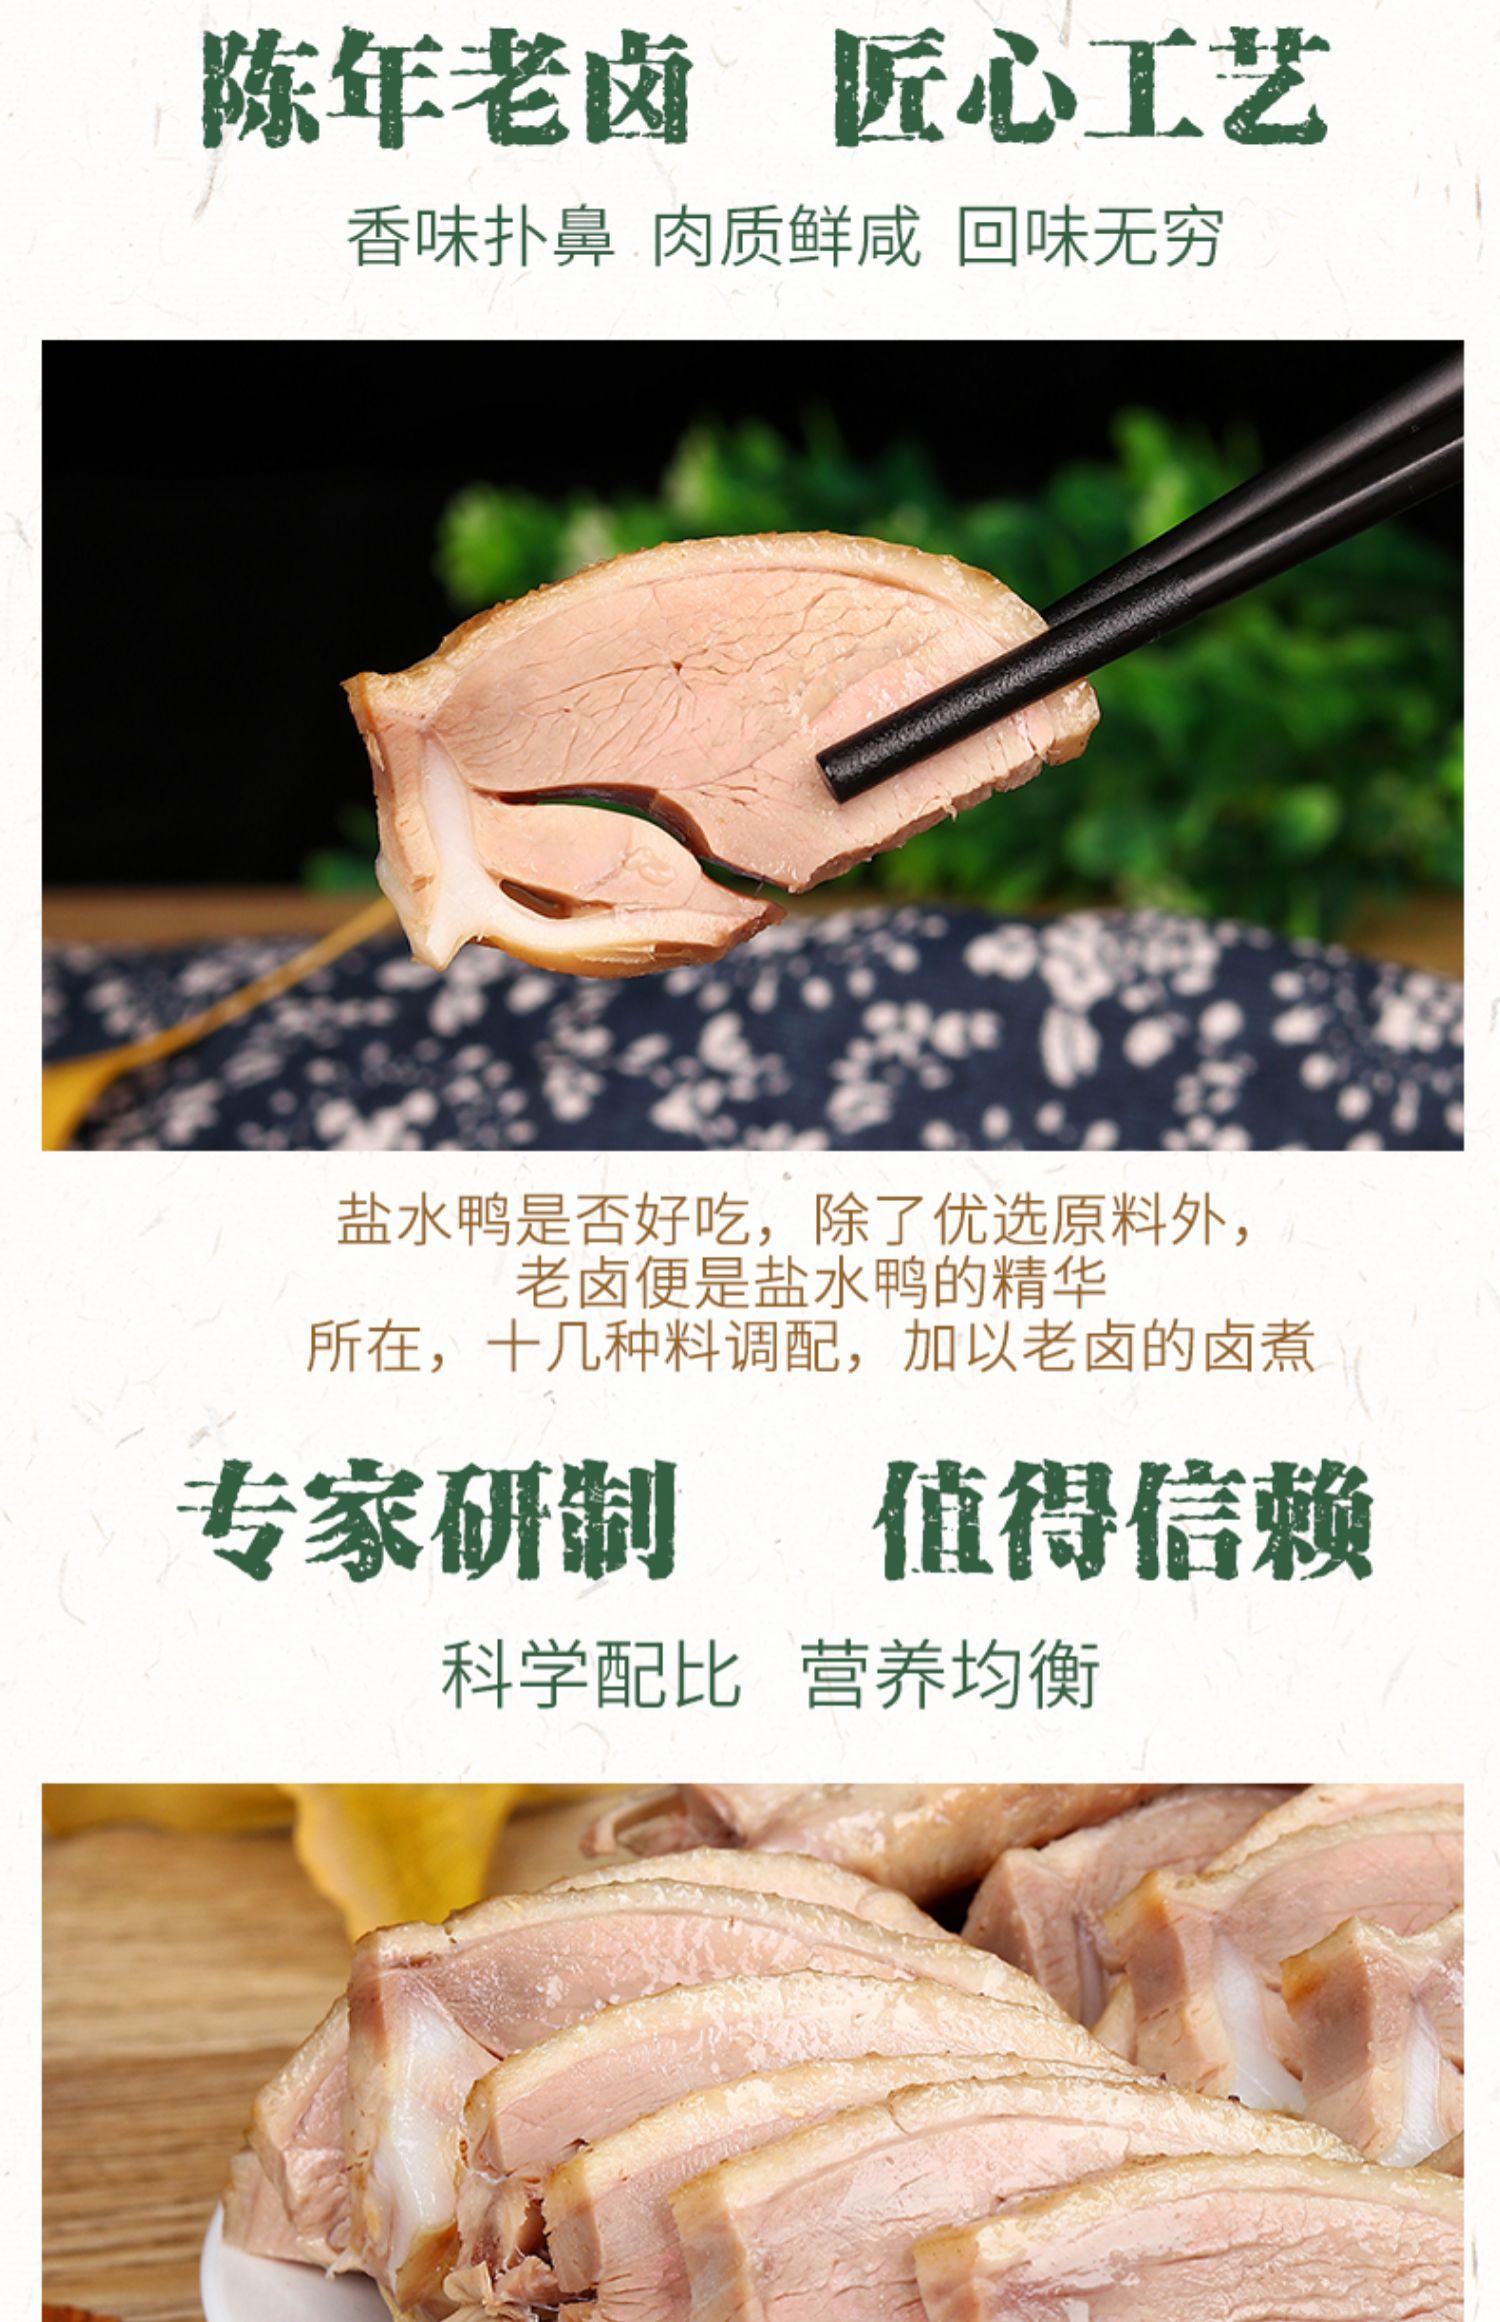 南京特产南农盐水鸭整只金陵桂花咸水鸭板鸭6